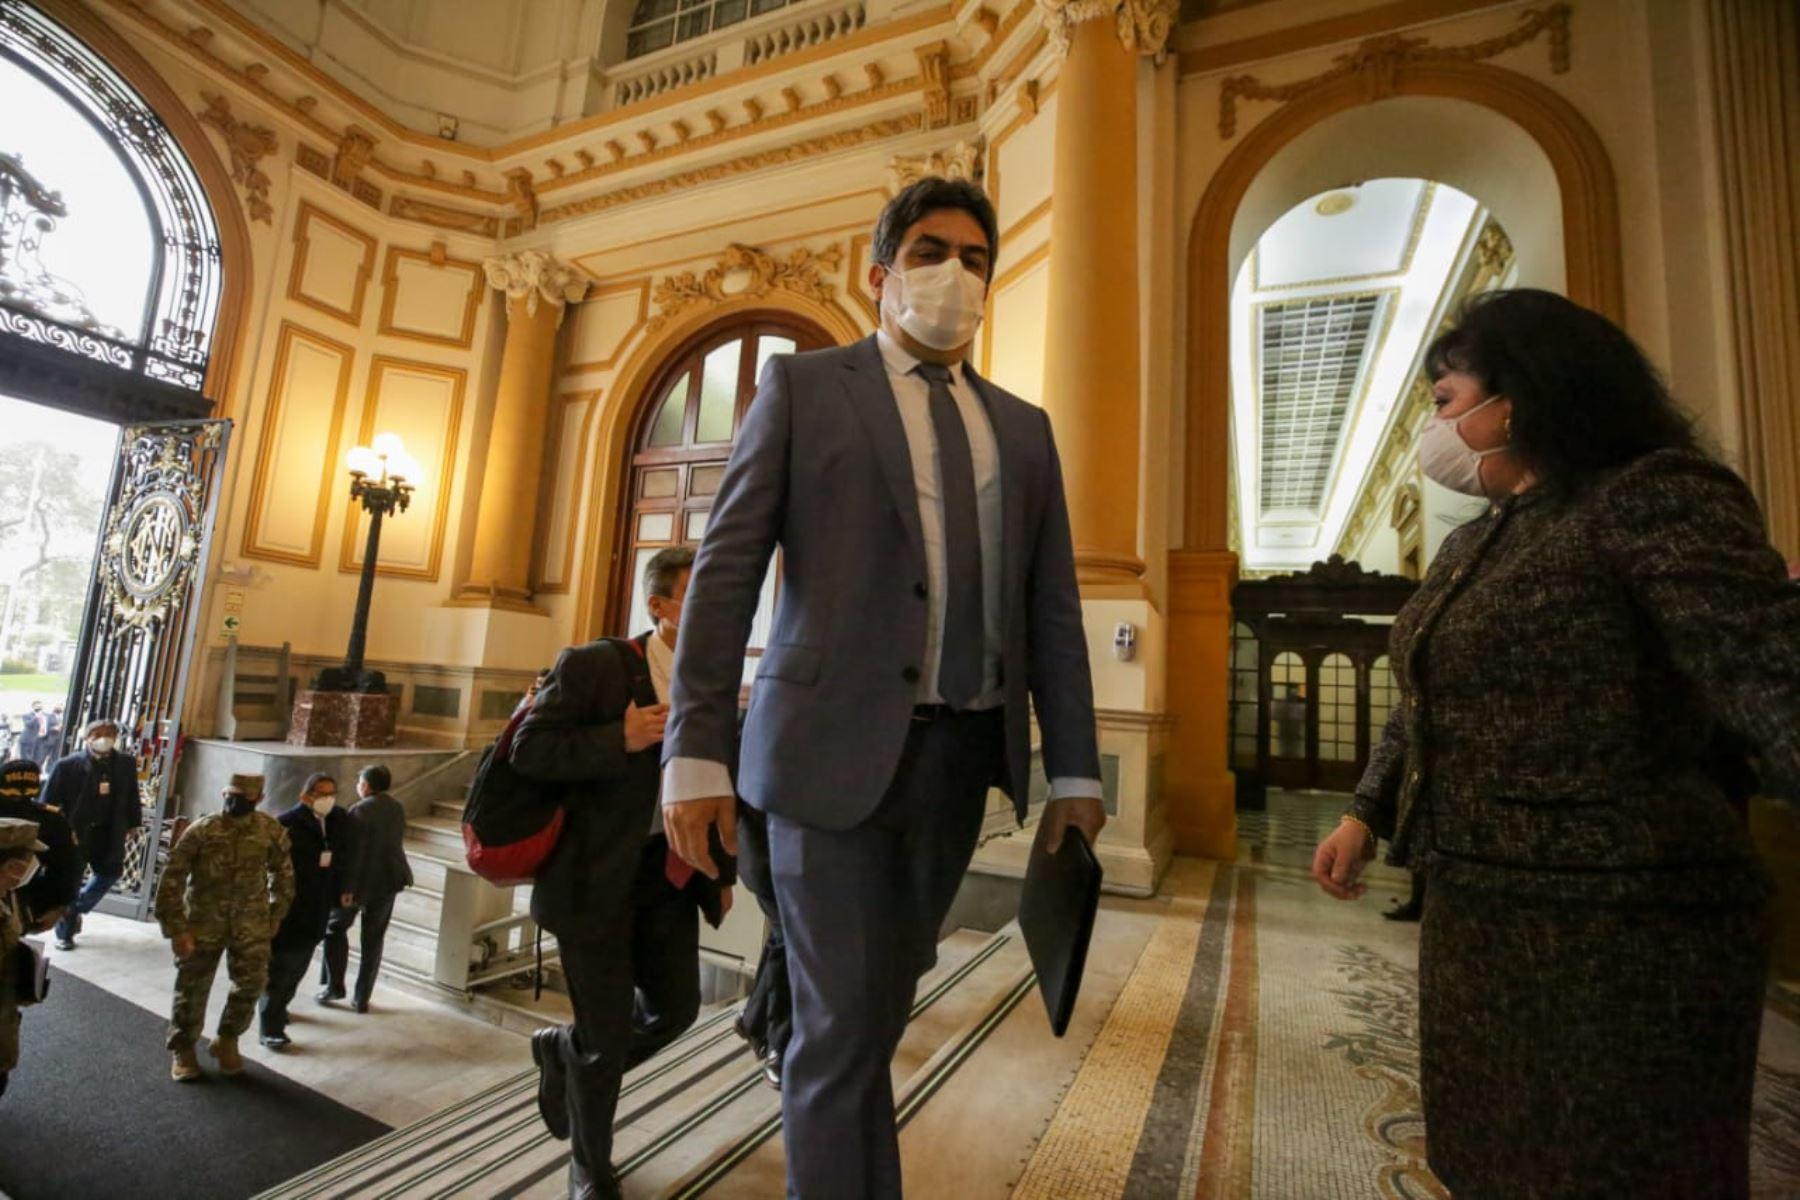 Ministro de Educación, Martín Benavides, llega a sede del Congreso junto al gabinete ministerial para solicitar el voto de confianza. Foto: ANDINA/PCM